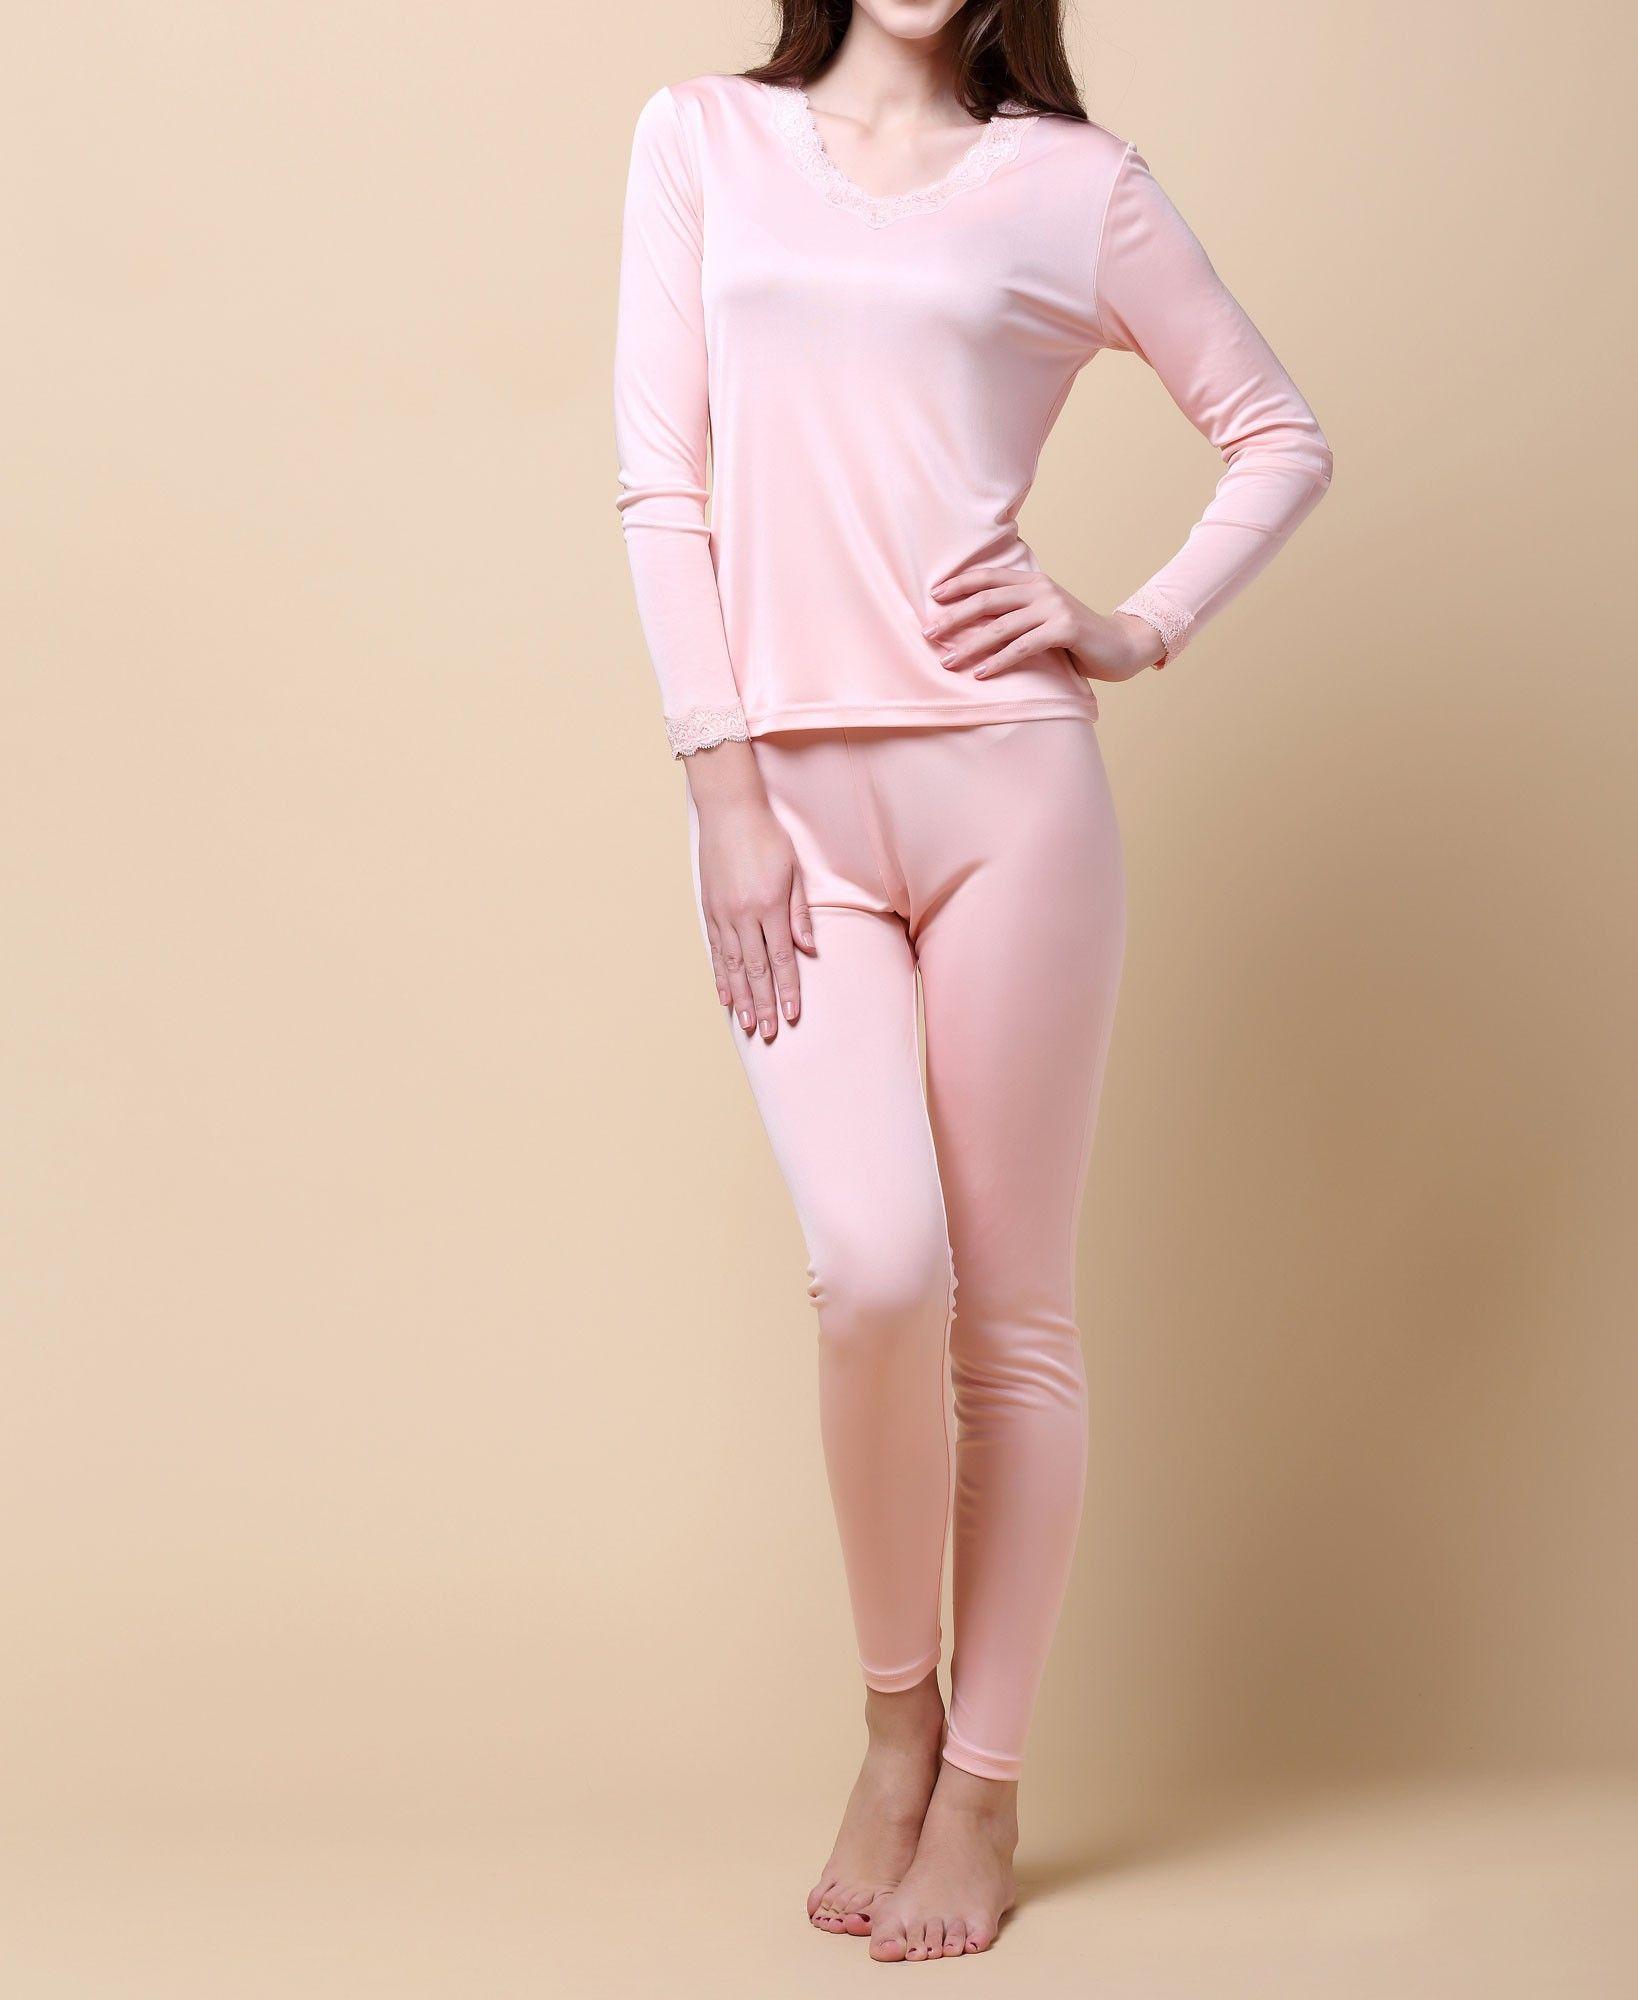 Mujeres Long Johns 100% pura seda de punto de jersey doble del V escote Long Johns Conjunto térmica conjunto de ropa interior Tamaño M L XL XXL